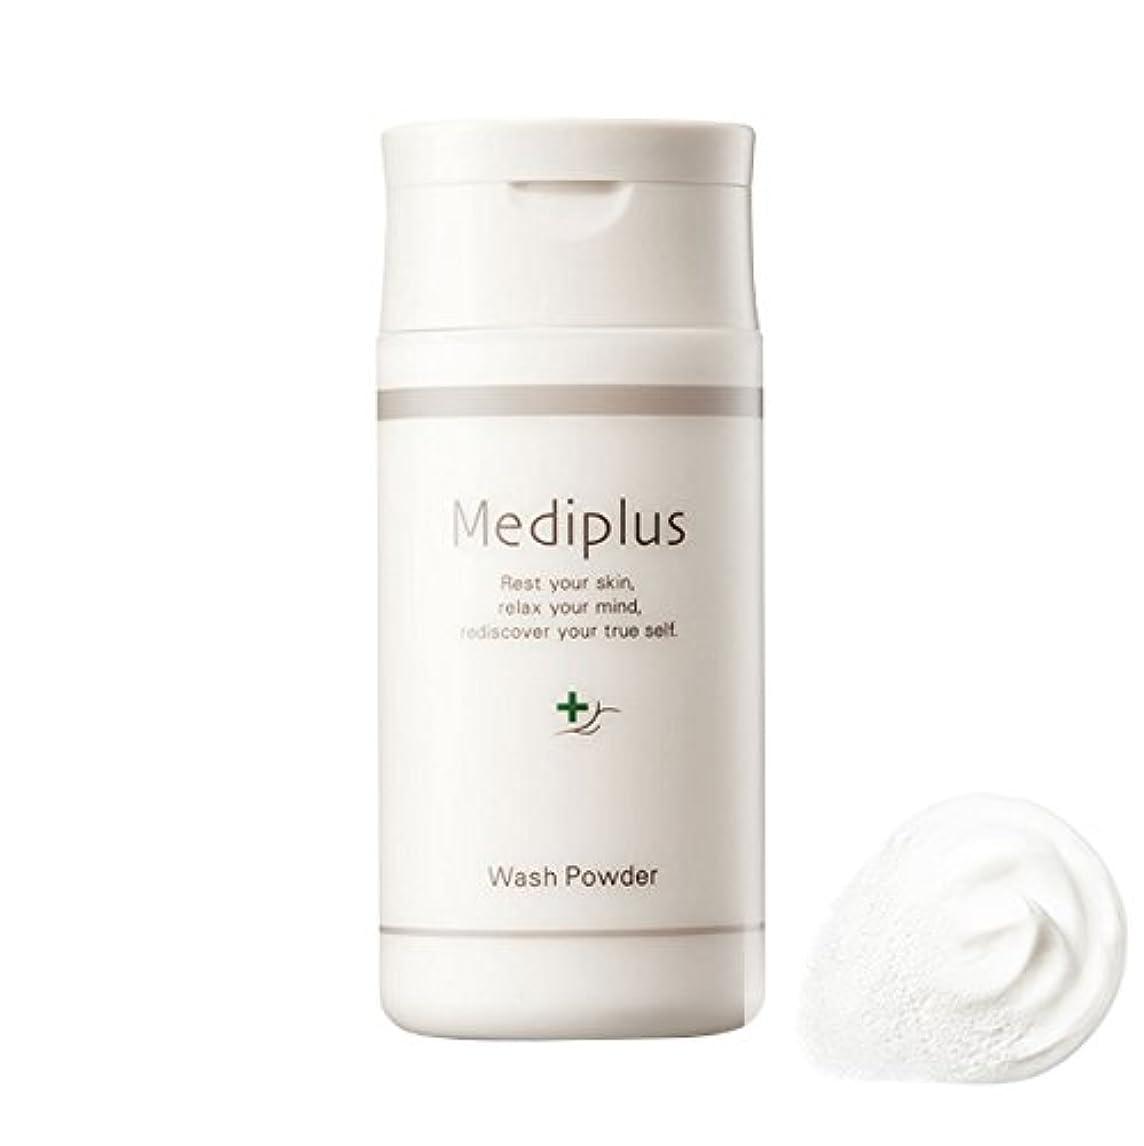 【Mediplus+】 メディプラス 酵素洗顔料 ウォッシュパウダー 60g [ パパイン酵素 毛穴ケア ]